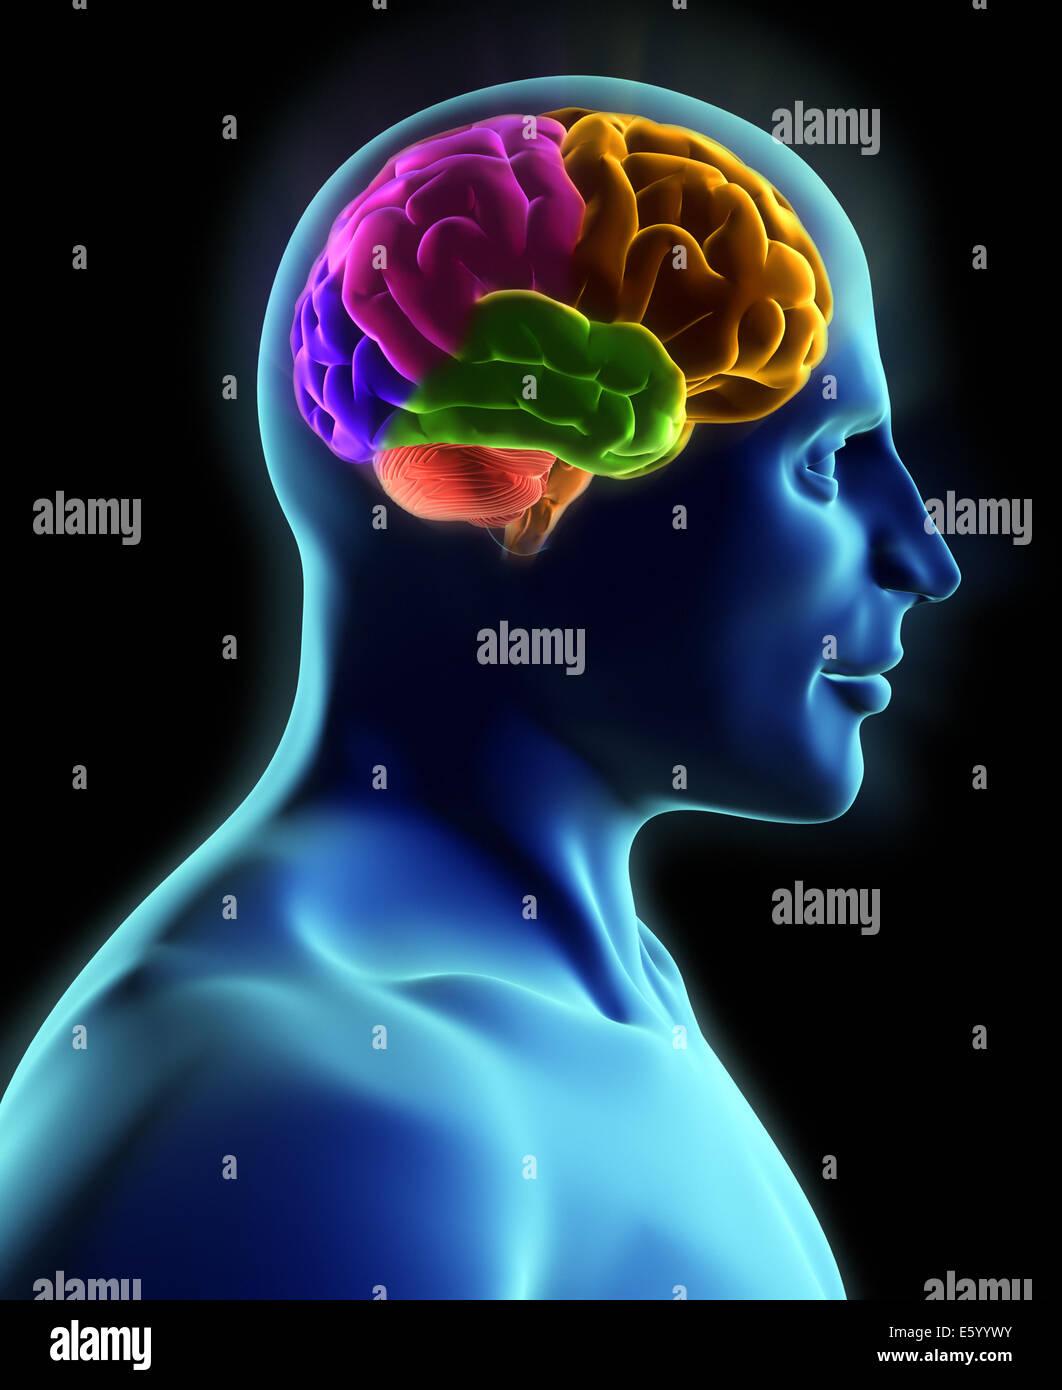 Menschlichen Körper und Gehirn, Röntgen-Blick - 3d render Stockfoto ...